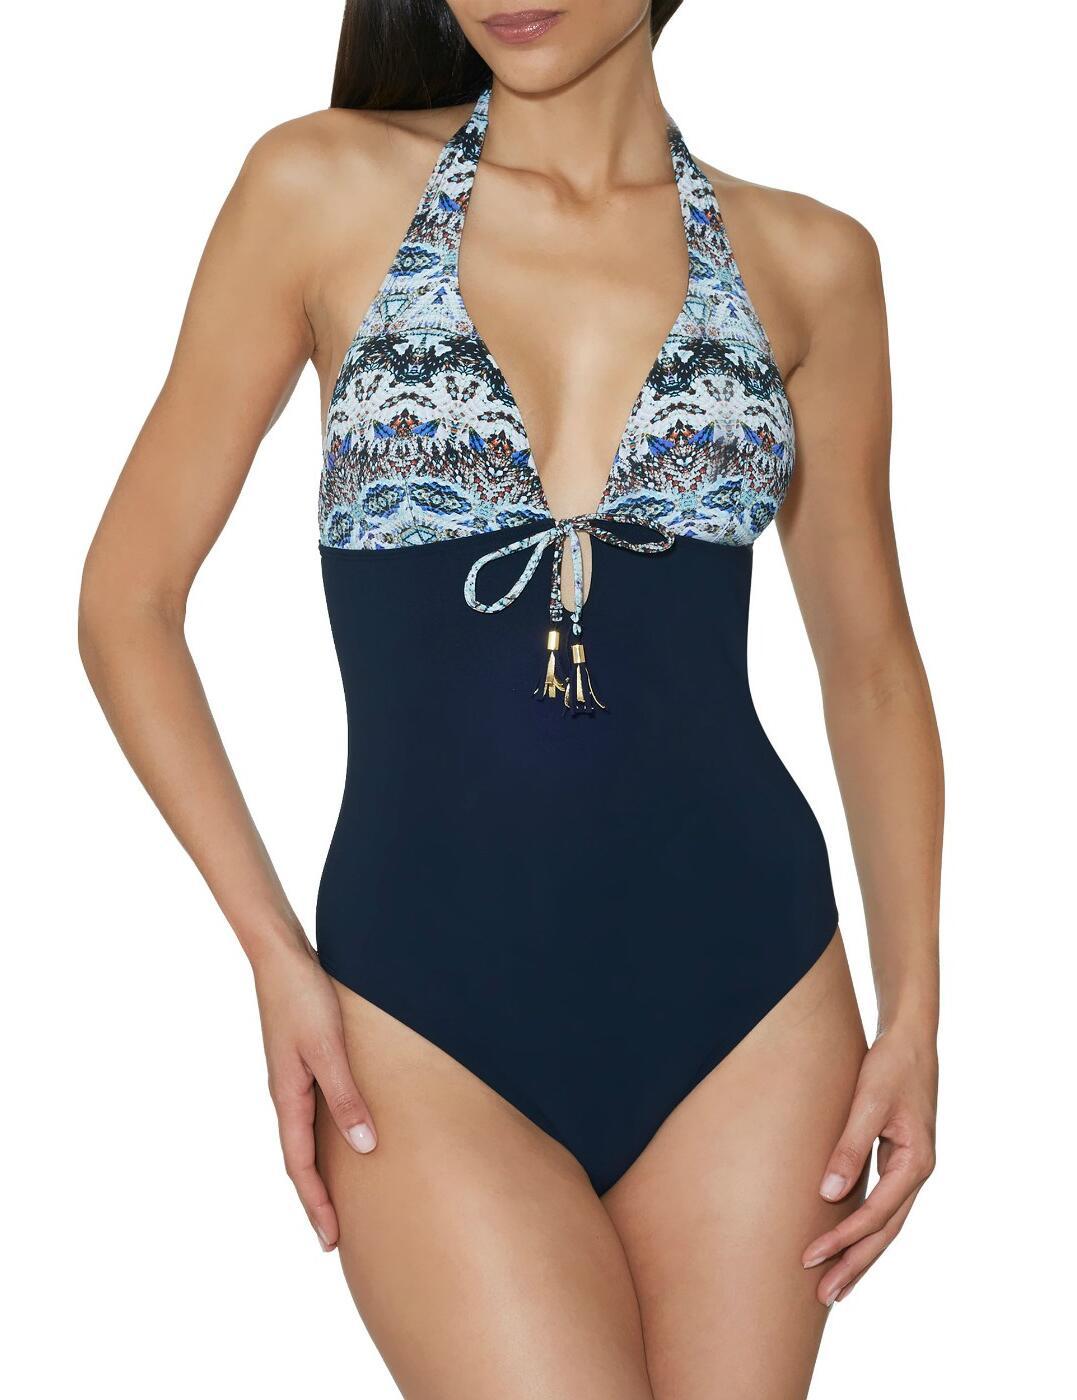 EU67 Aubade Exotic Waves Soft Swimsuit - EU67 Navy